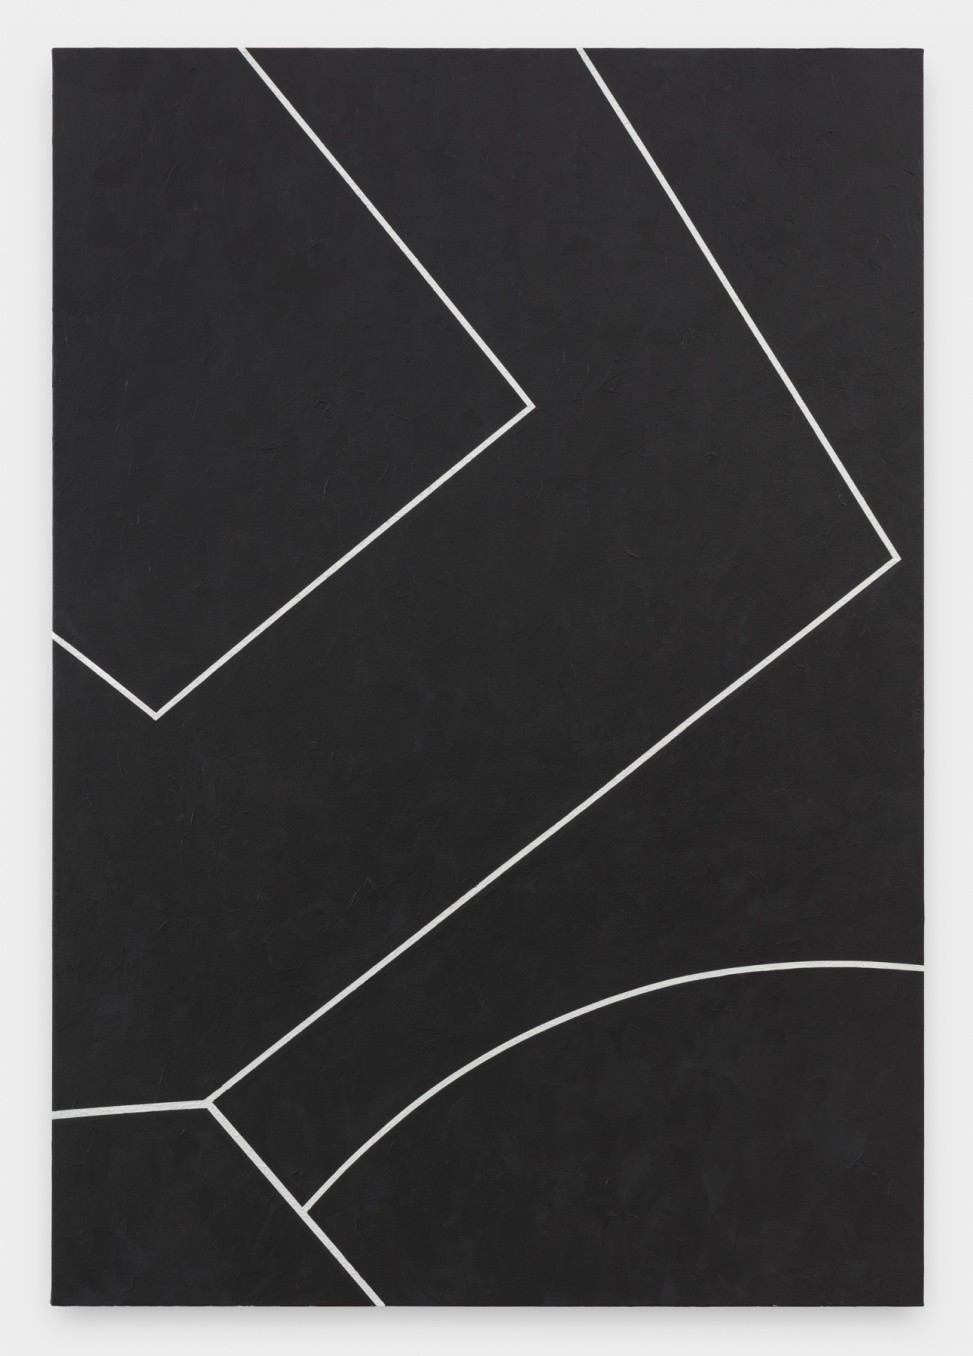 Virginia Jaramillo, Site: No. 5 19.6923˚ N, 98.8435˚ W, 2018, Acrylic on canvas, 198.1 x 137.2 cm, 78 x 54 in